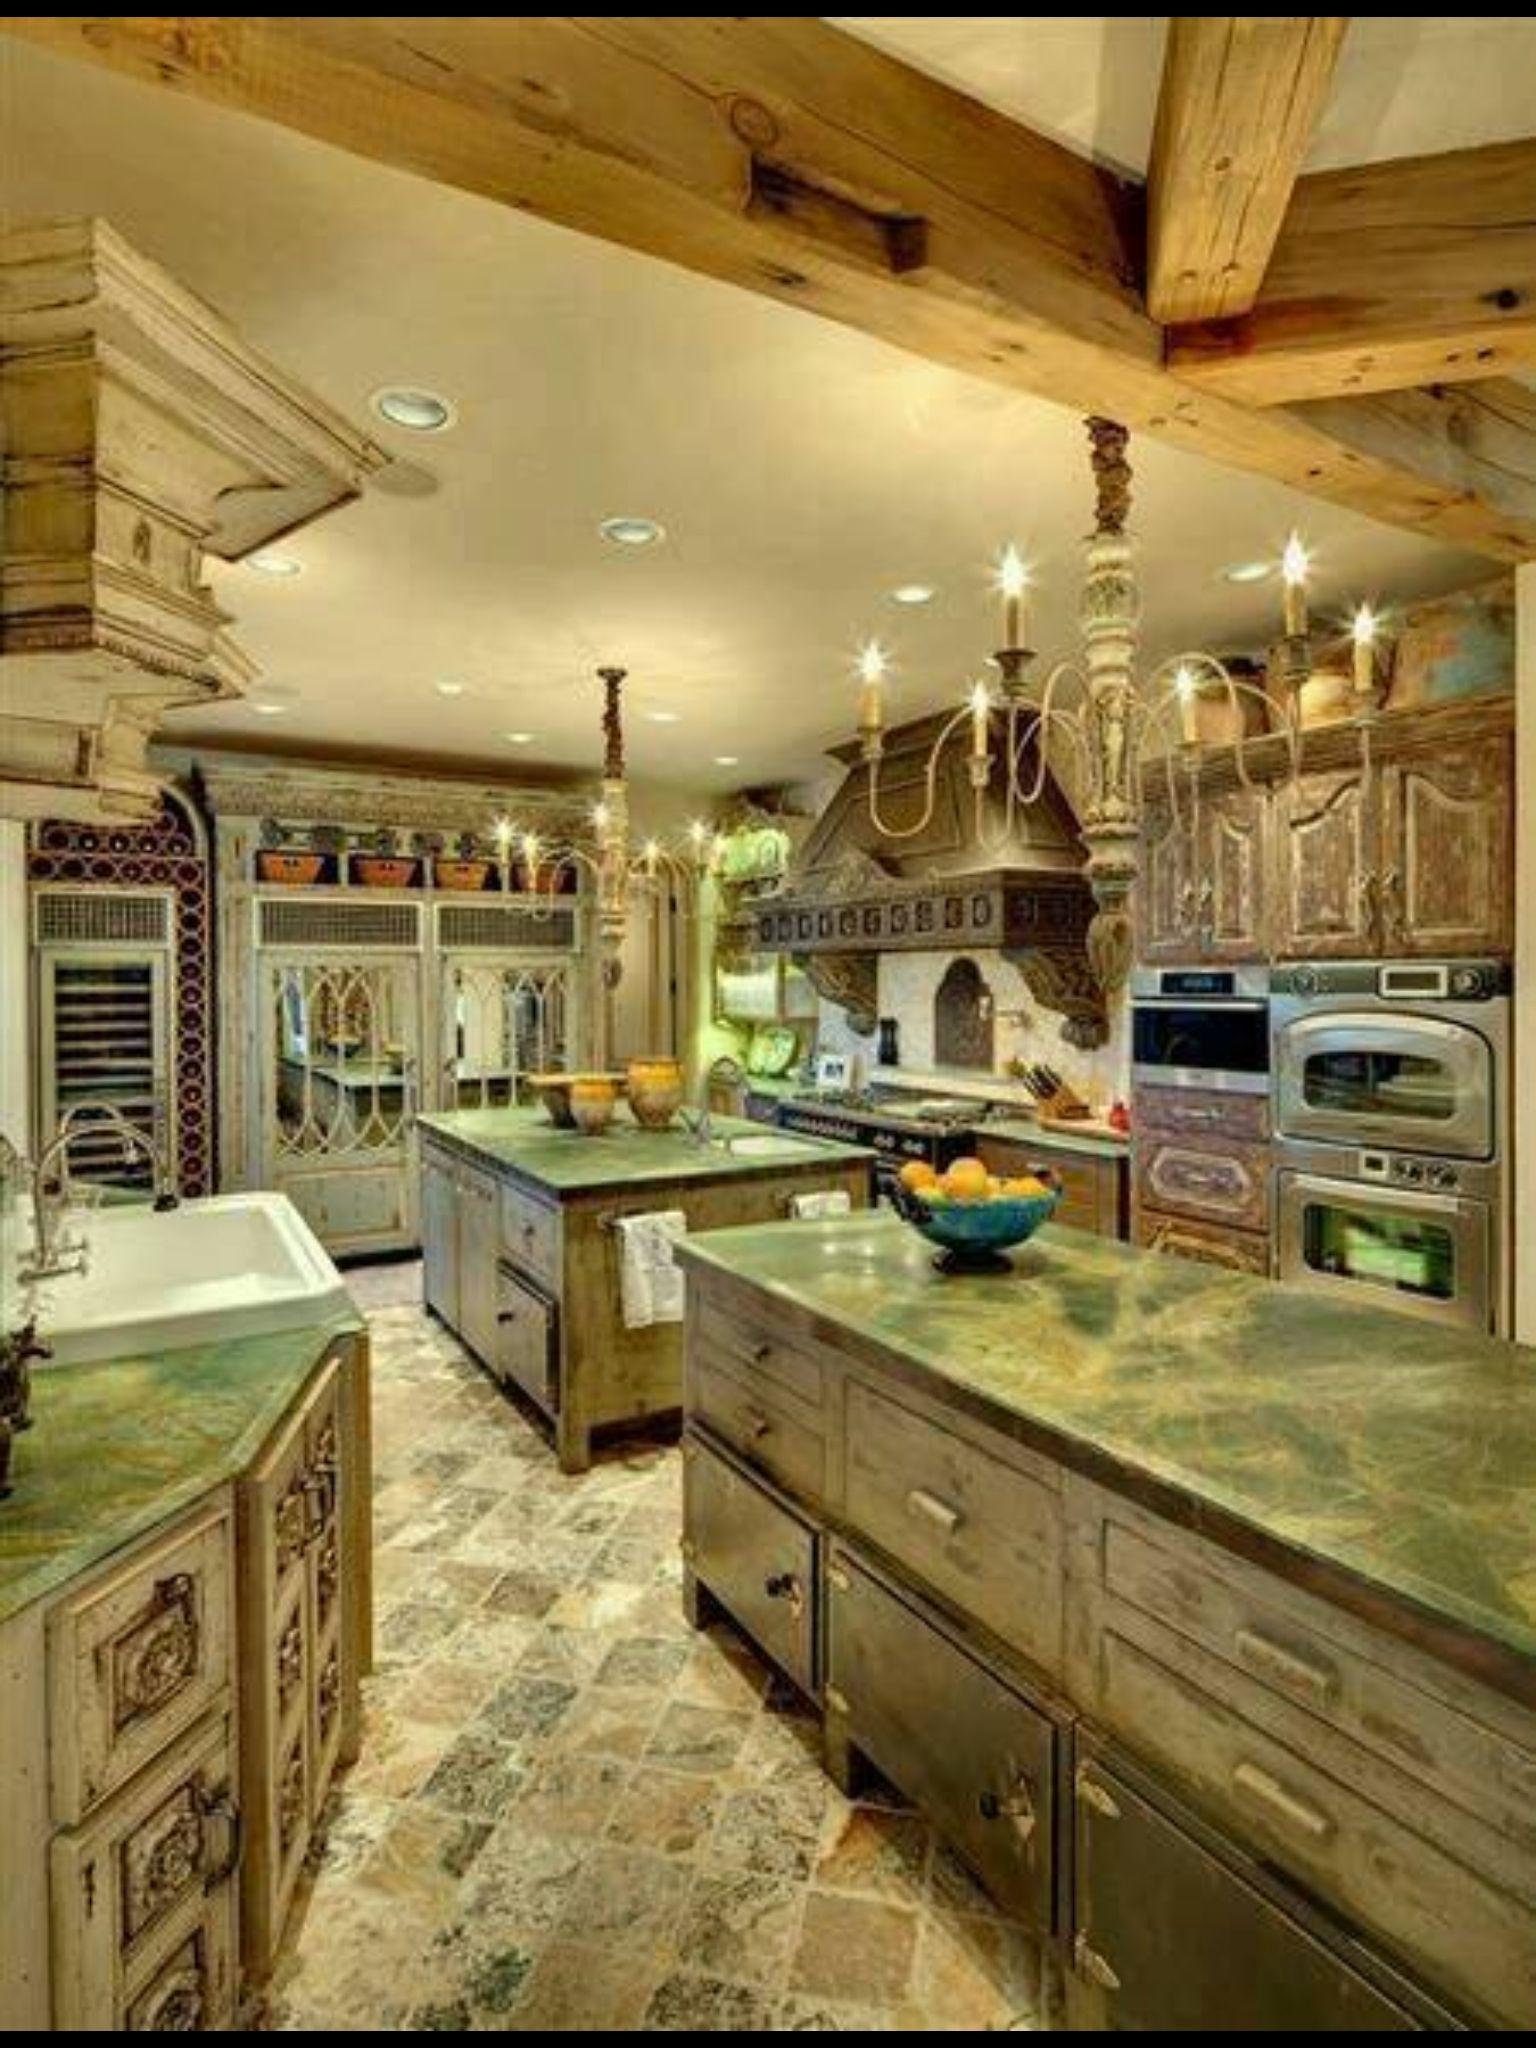 Dachboden über küchenideen green granite countertops  küchenplanung  pinterest  küchen ideen